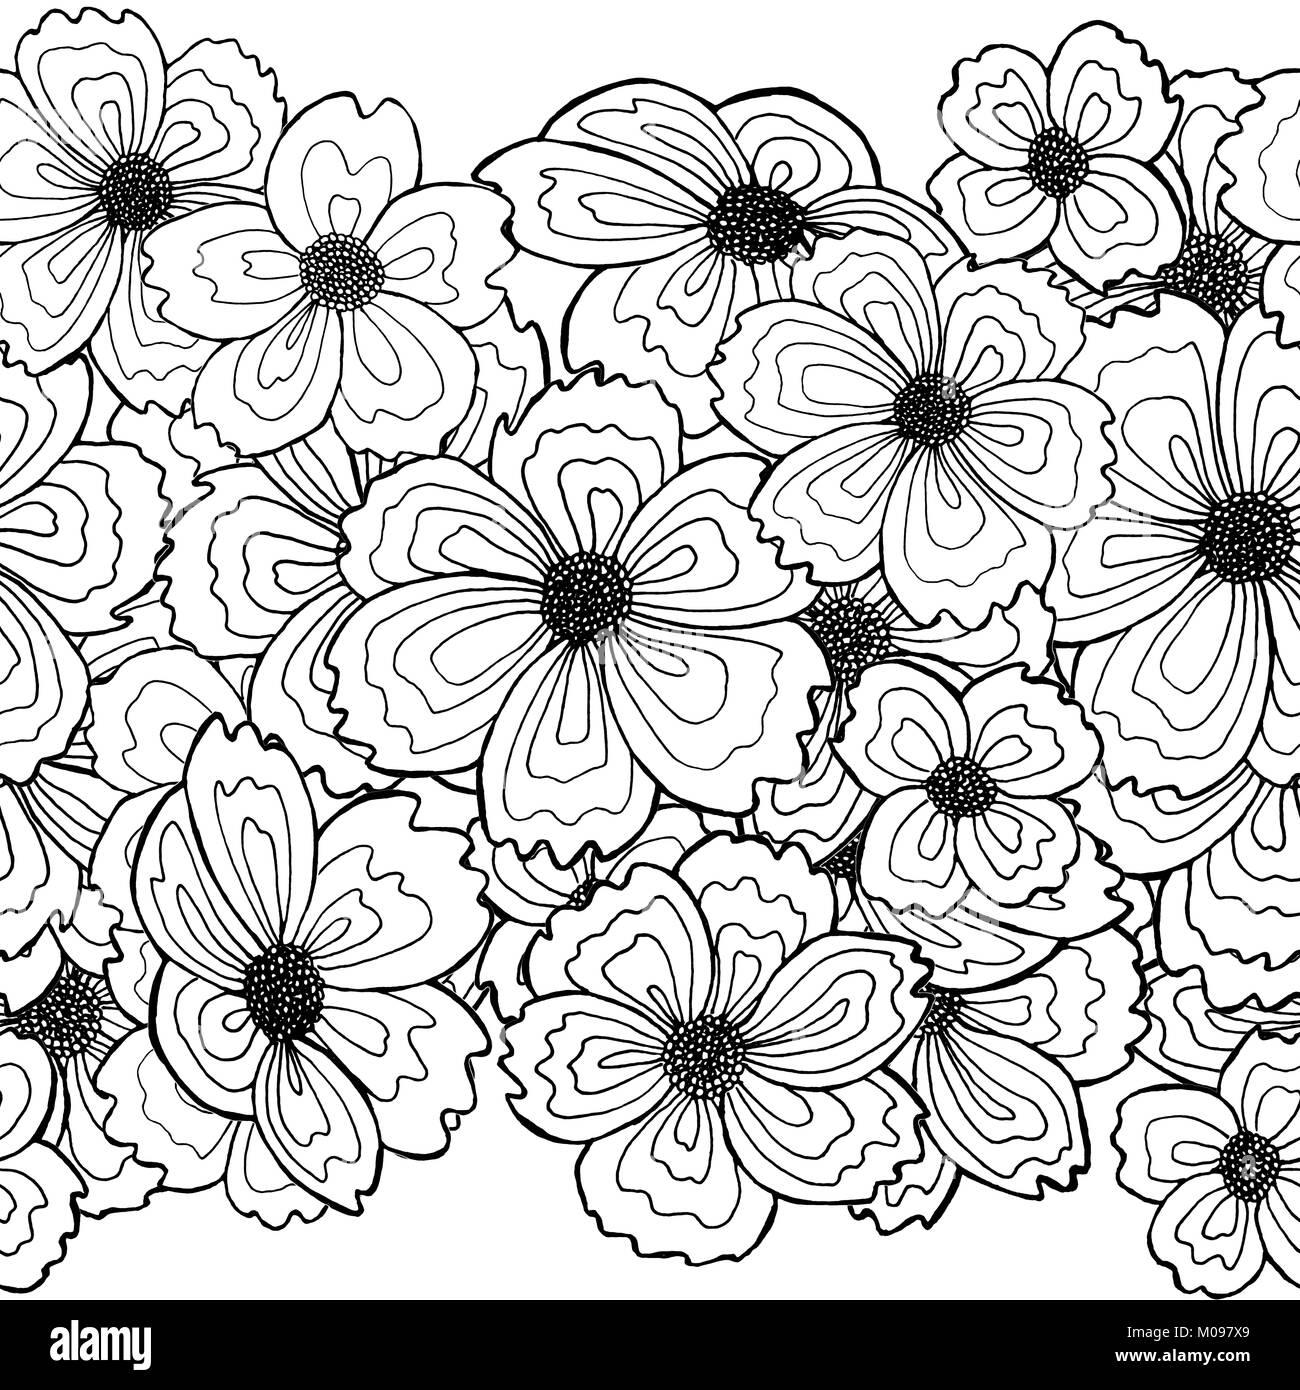 Borde Repetible De Flores Dibujadas A Mano La Técnica Del Dibujo De